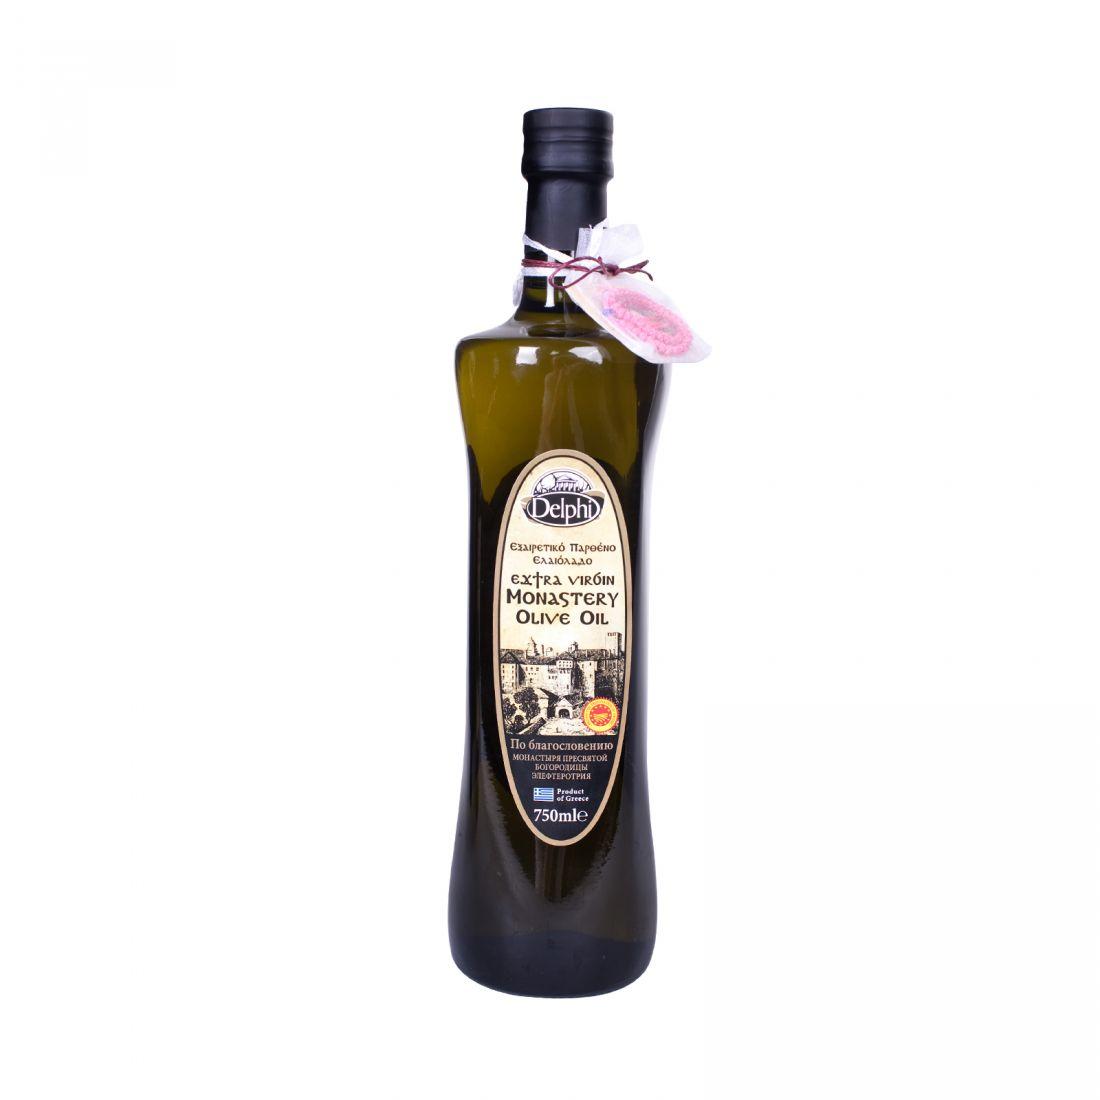 Оливковое масло монастырское DELPHI  - 750 мл экстра вирджин